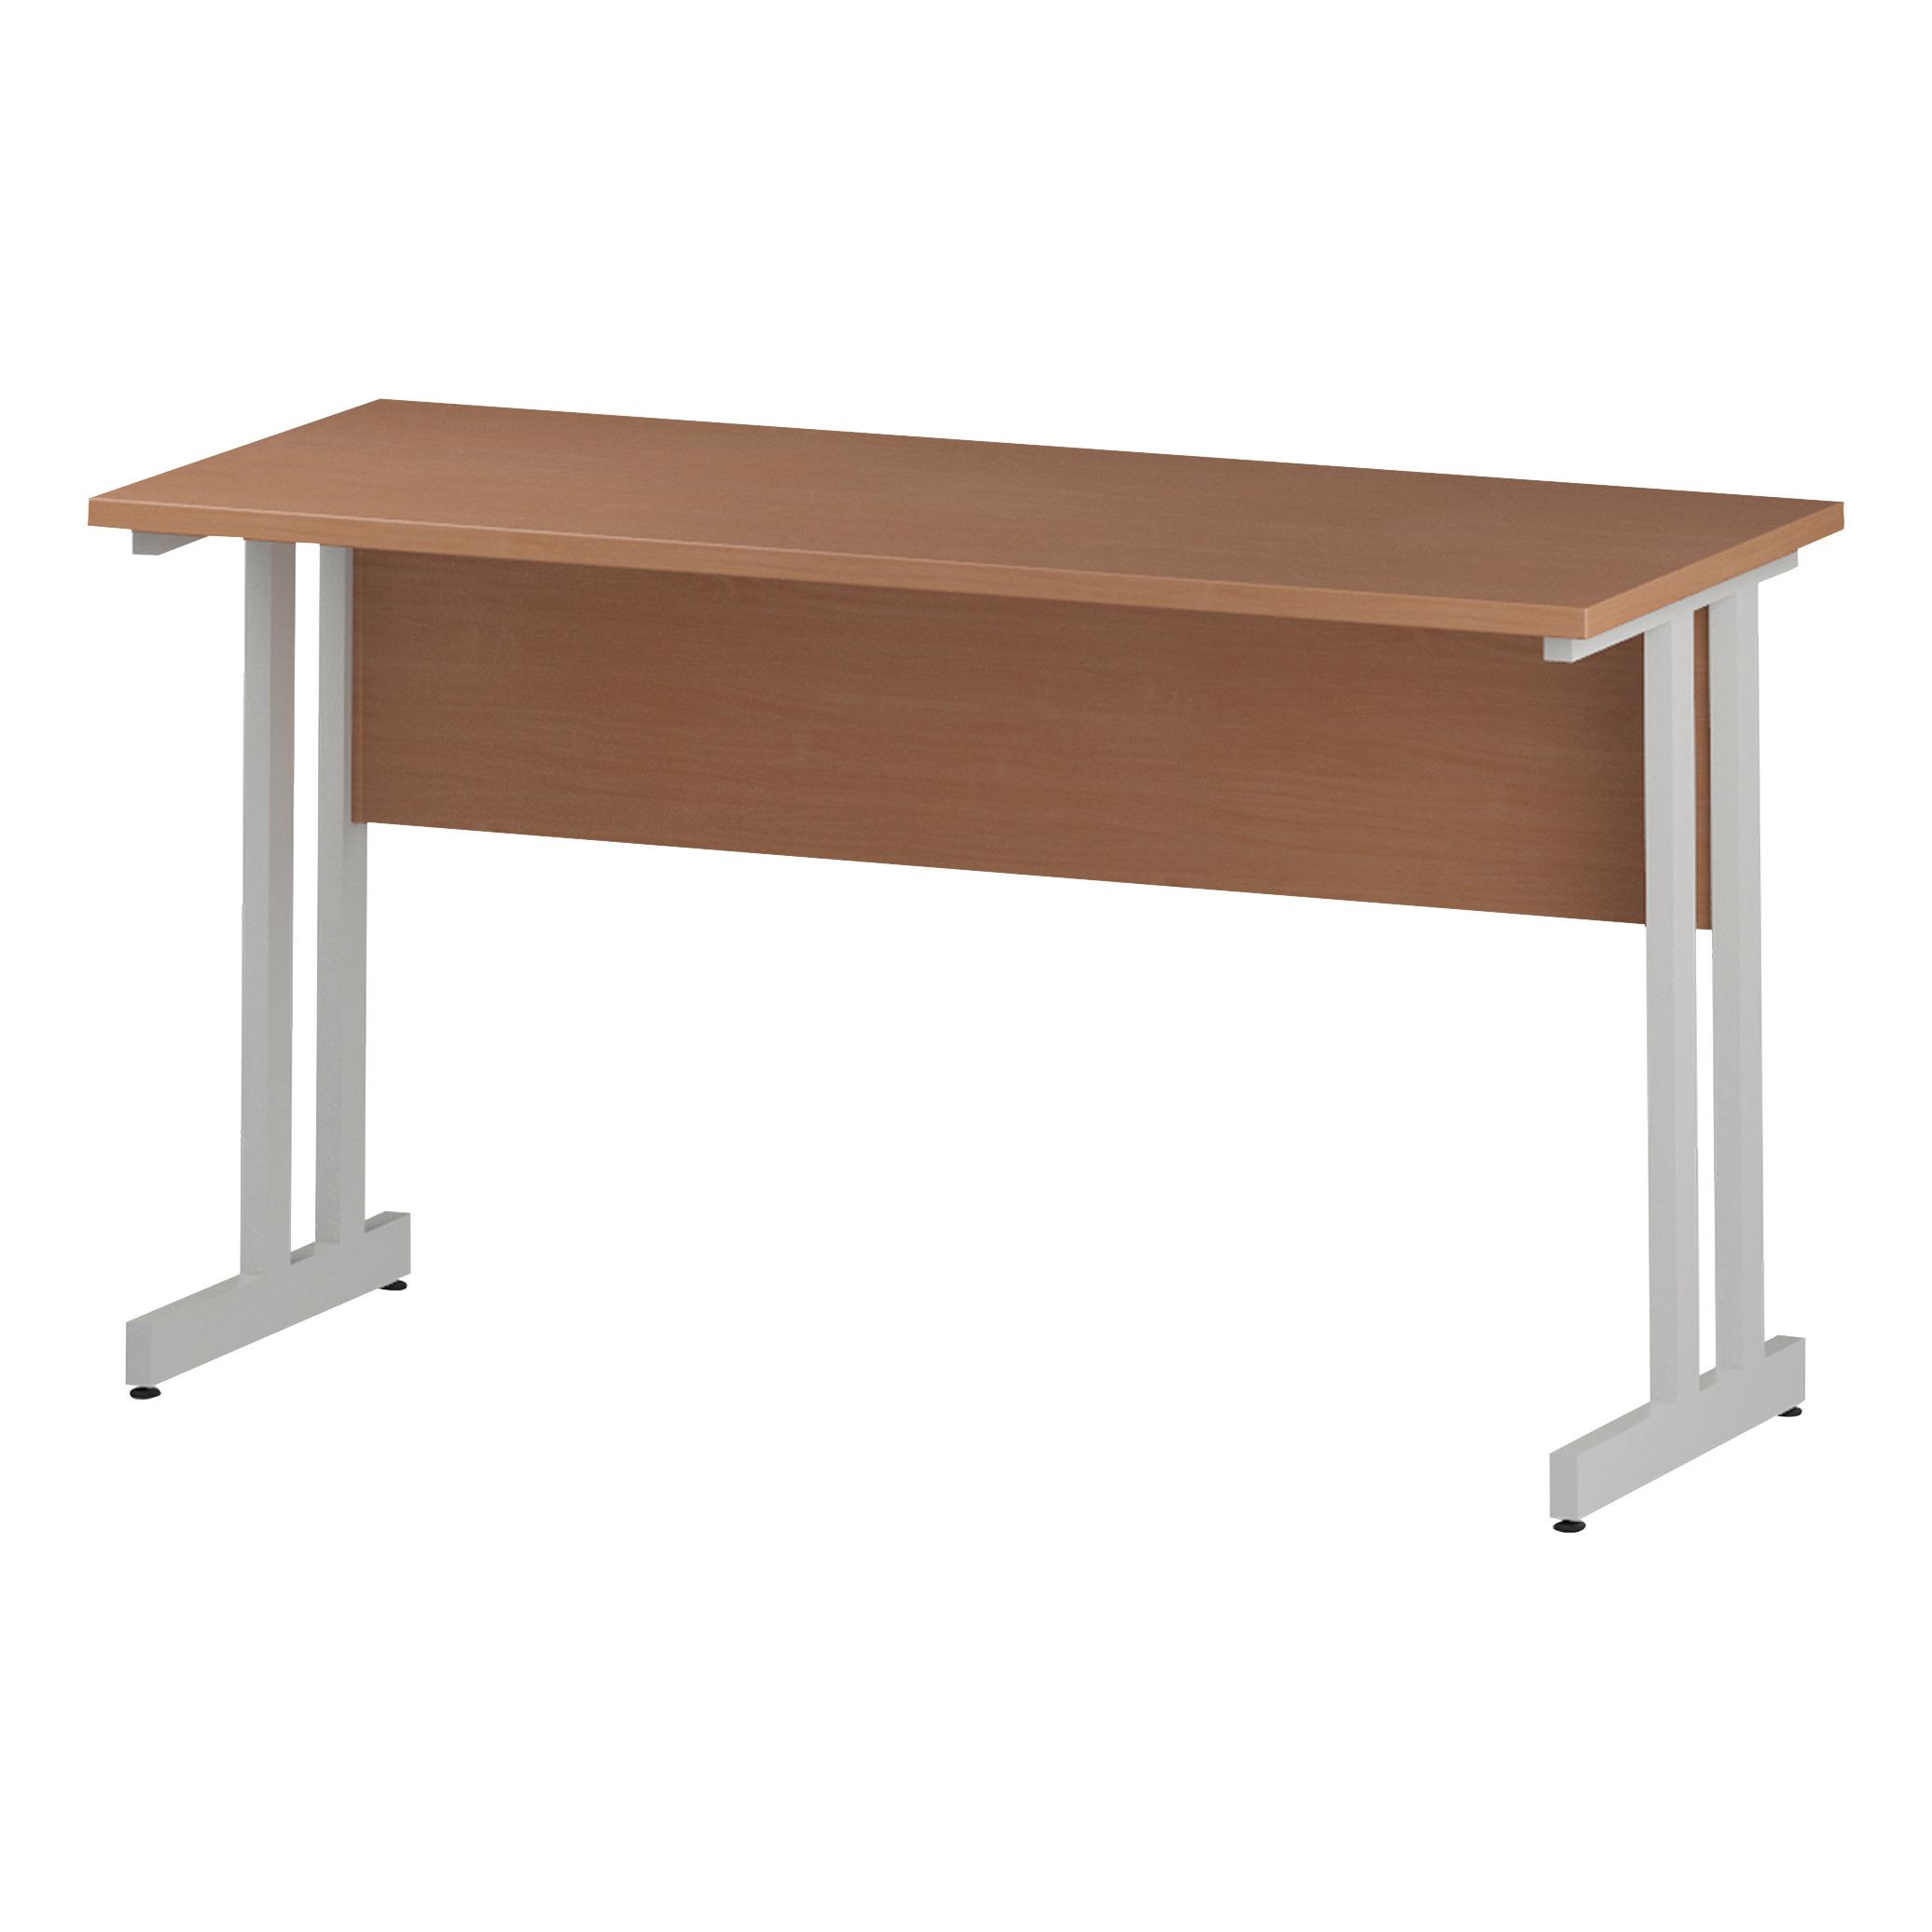 Trexus Rectangular Slim Desk White Cantilever Leg 1400x600mm Beech Ref I001685